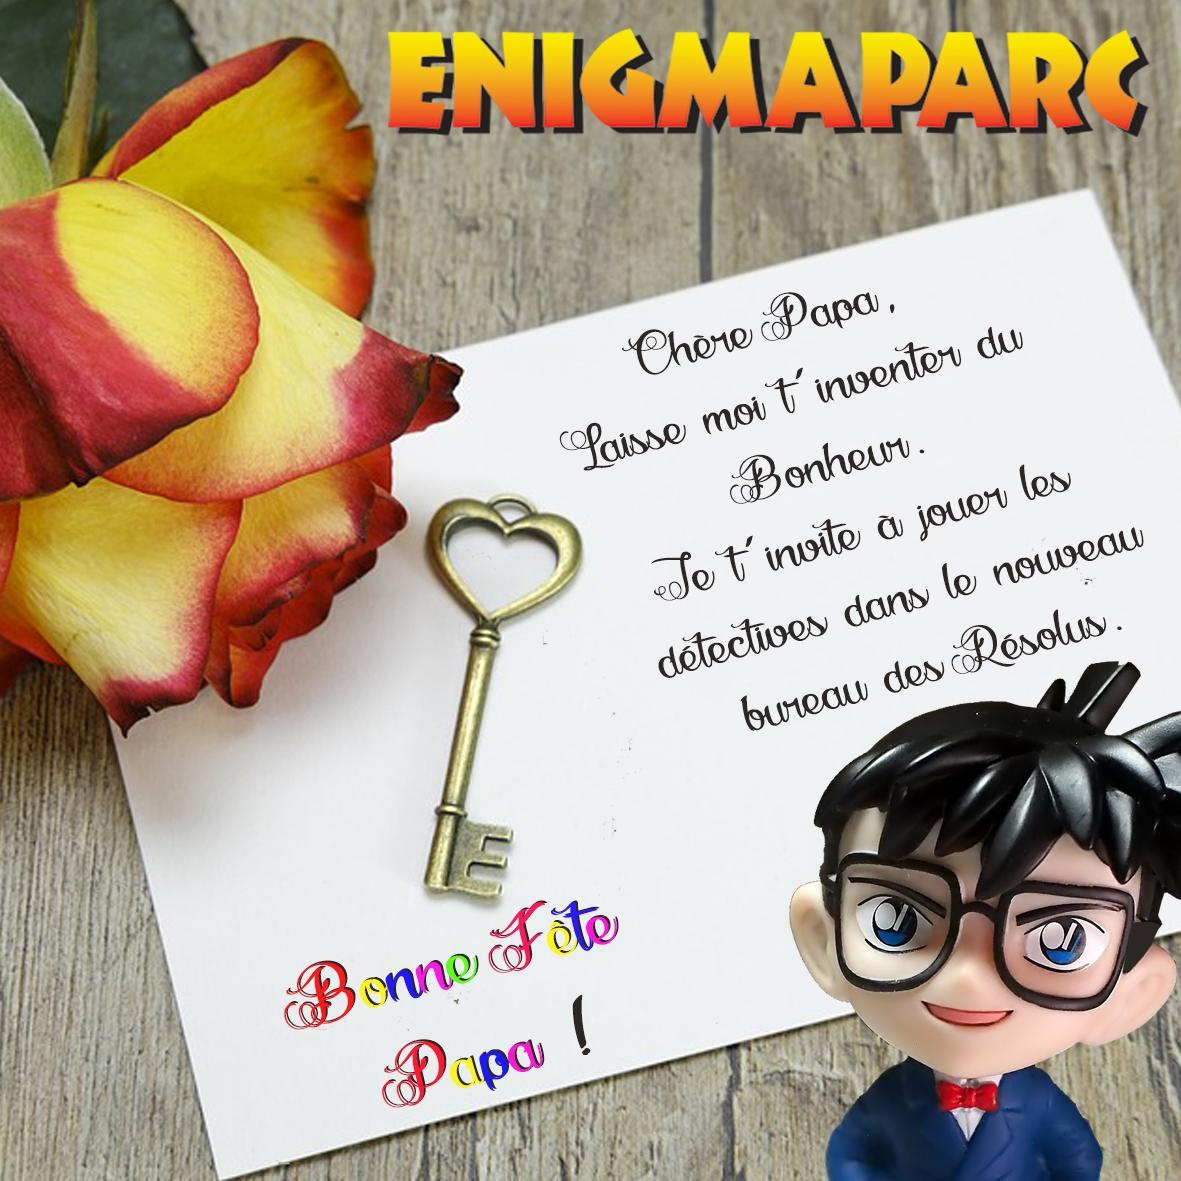 Offre Fête des Pères Enigmaparc 2019